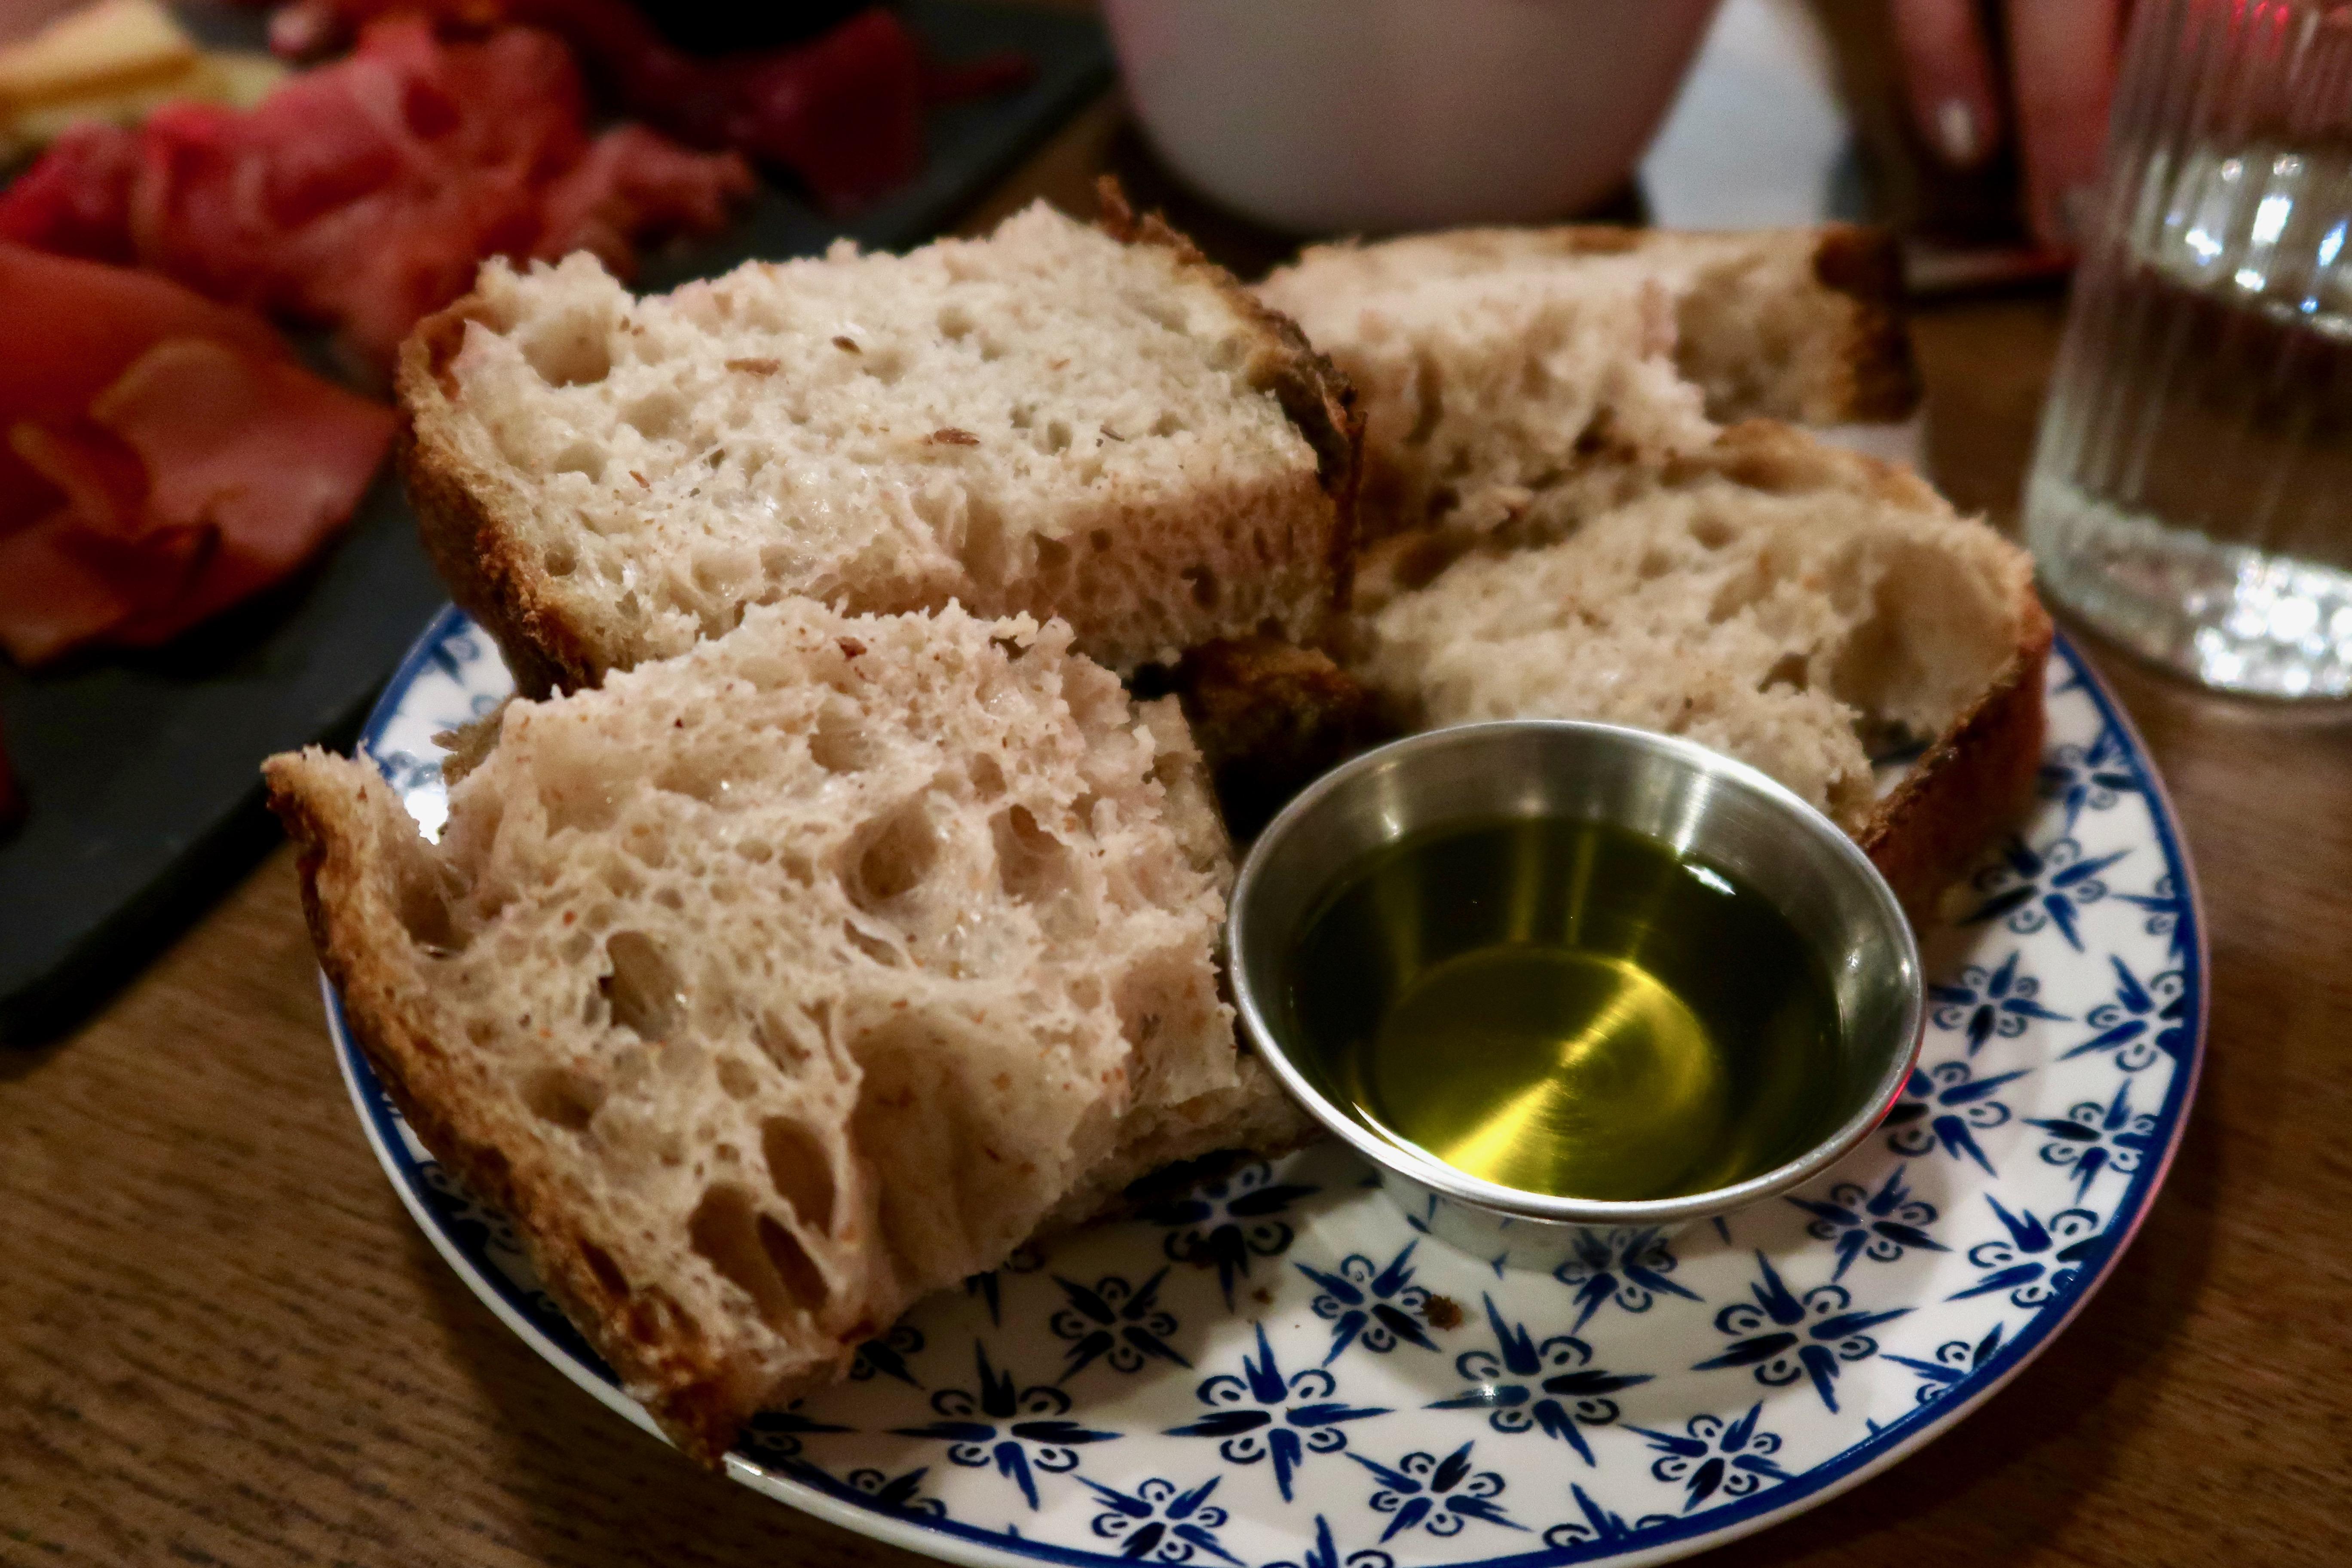 L'Oculto sourdough bread